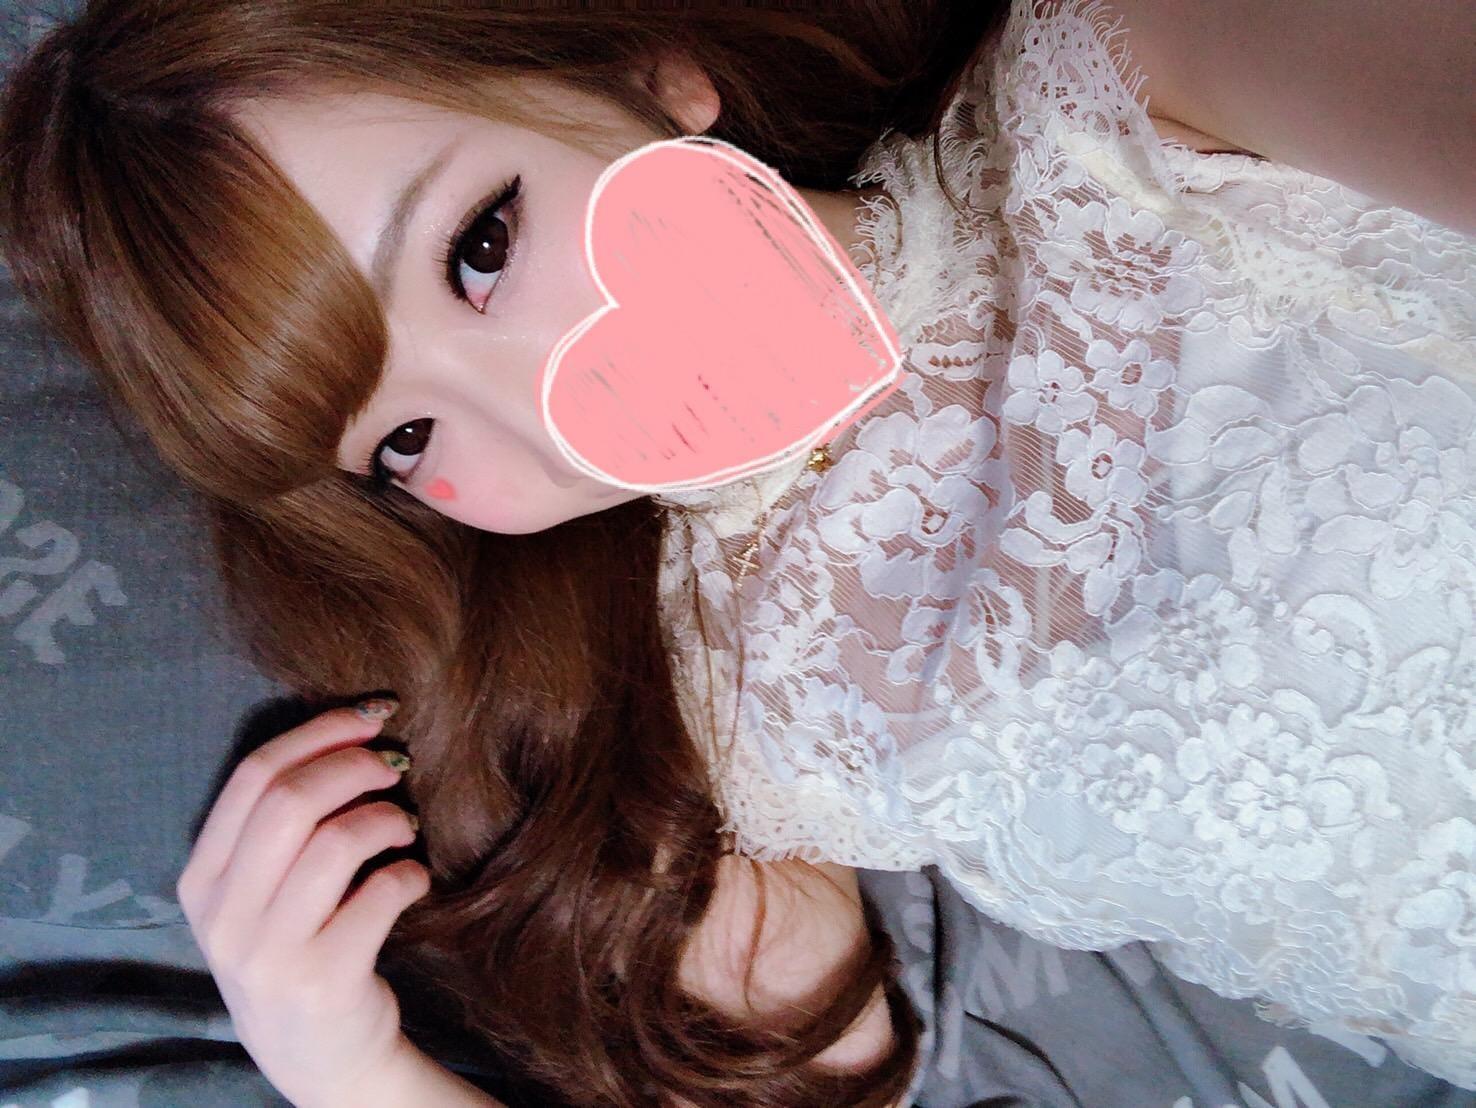 しろ「♡♡♡」06/17(月) 22:37 | しろの写メ・風俗動画